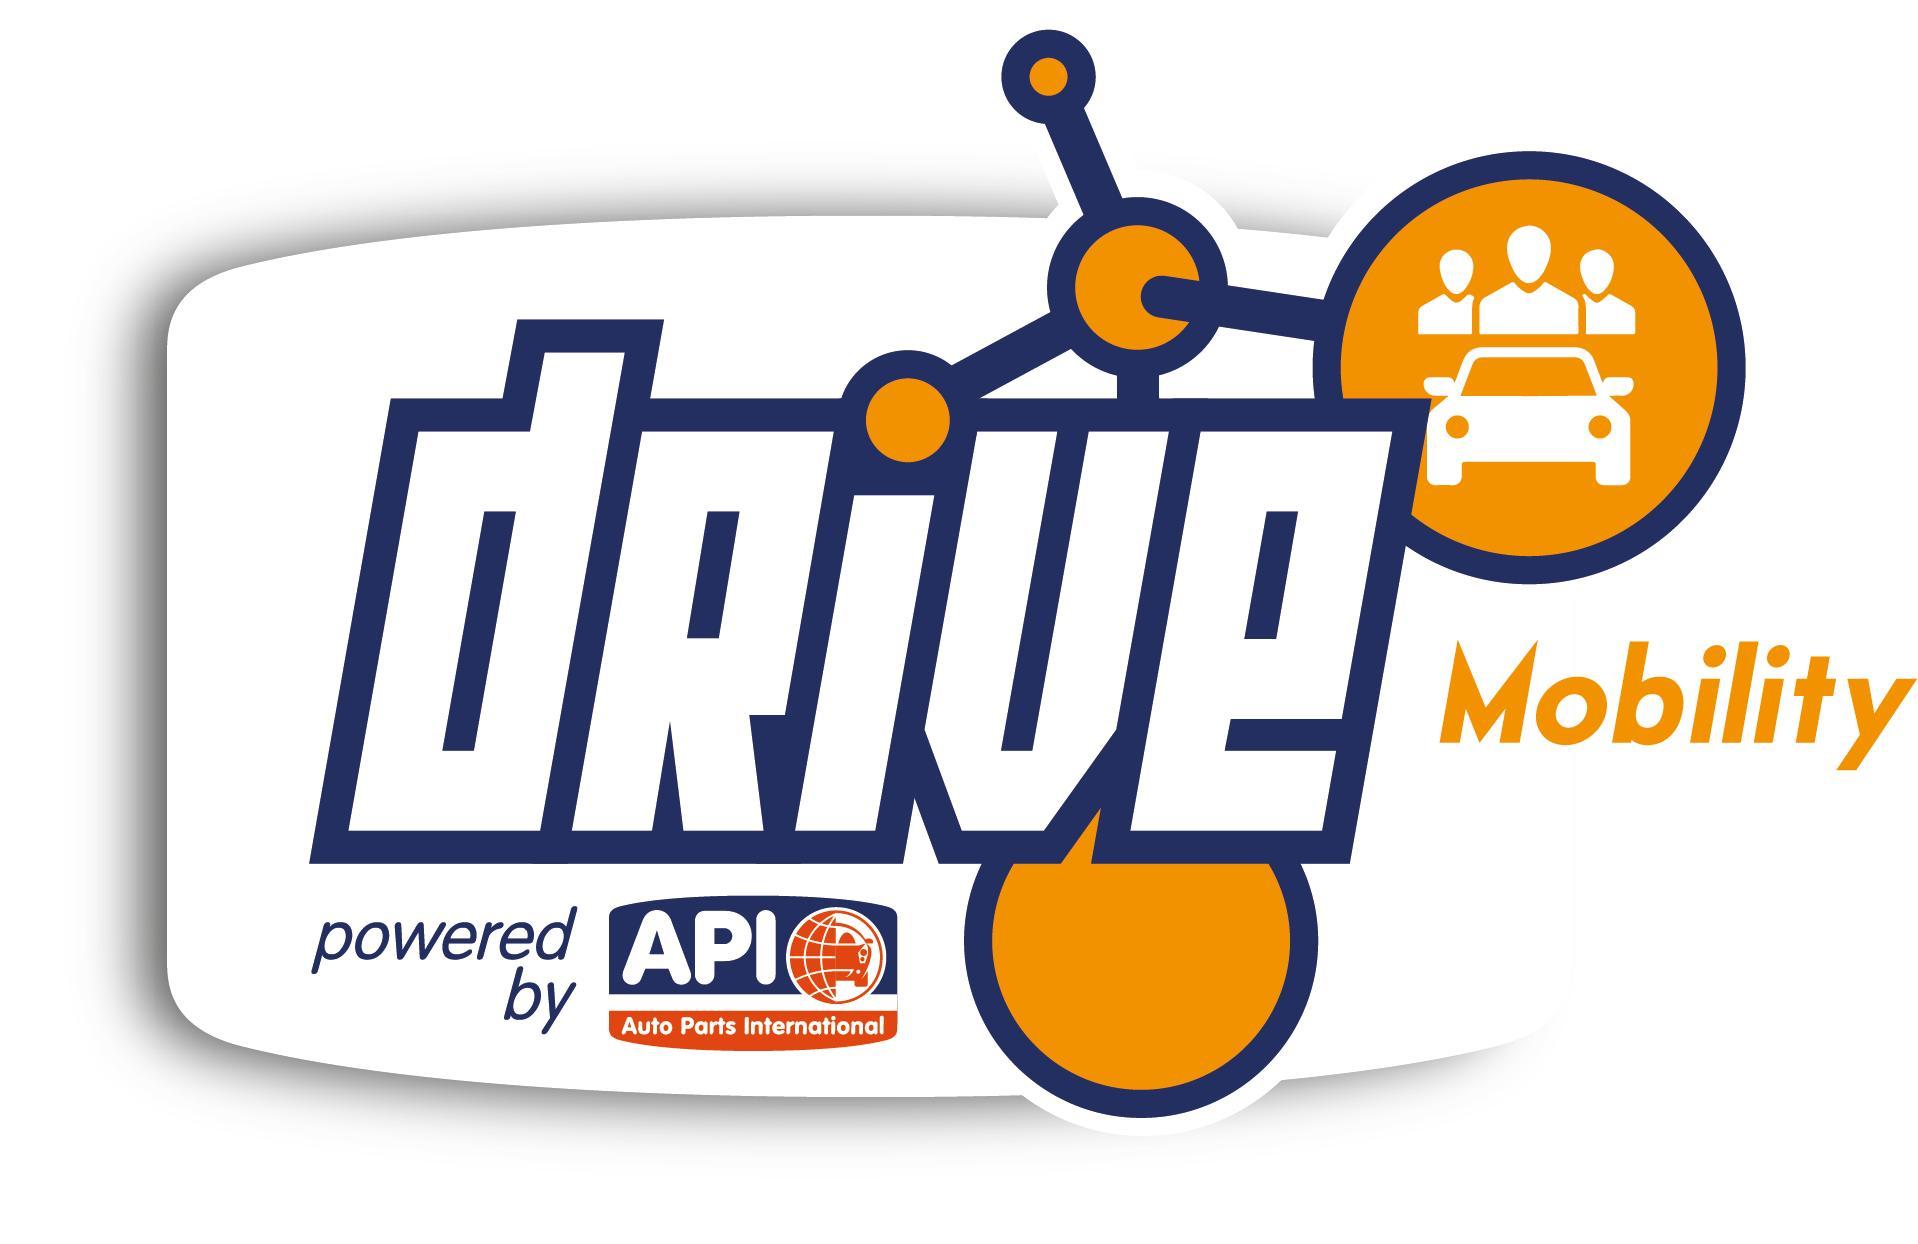 API Drive Mobility